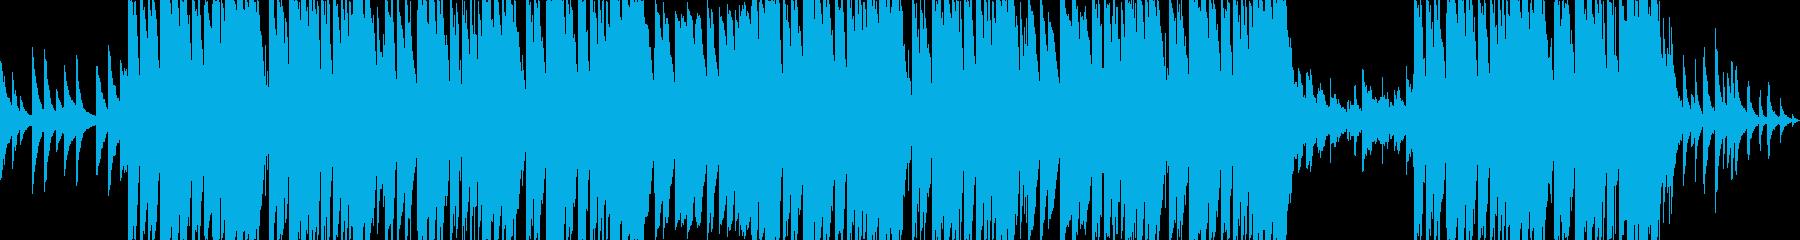 切ないエモーショナルピアノトラップの再生済みの波形